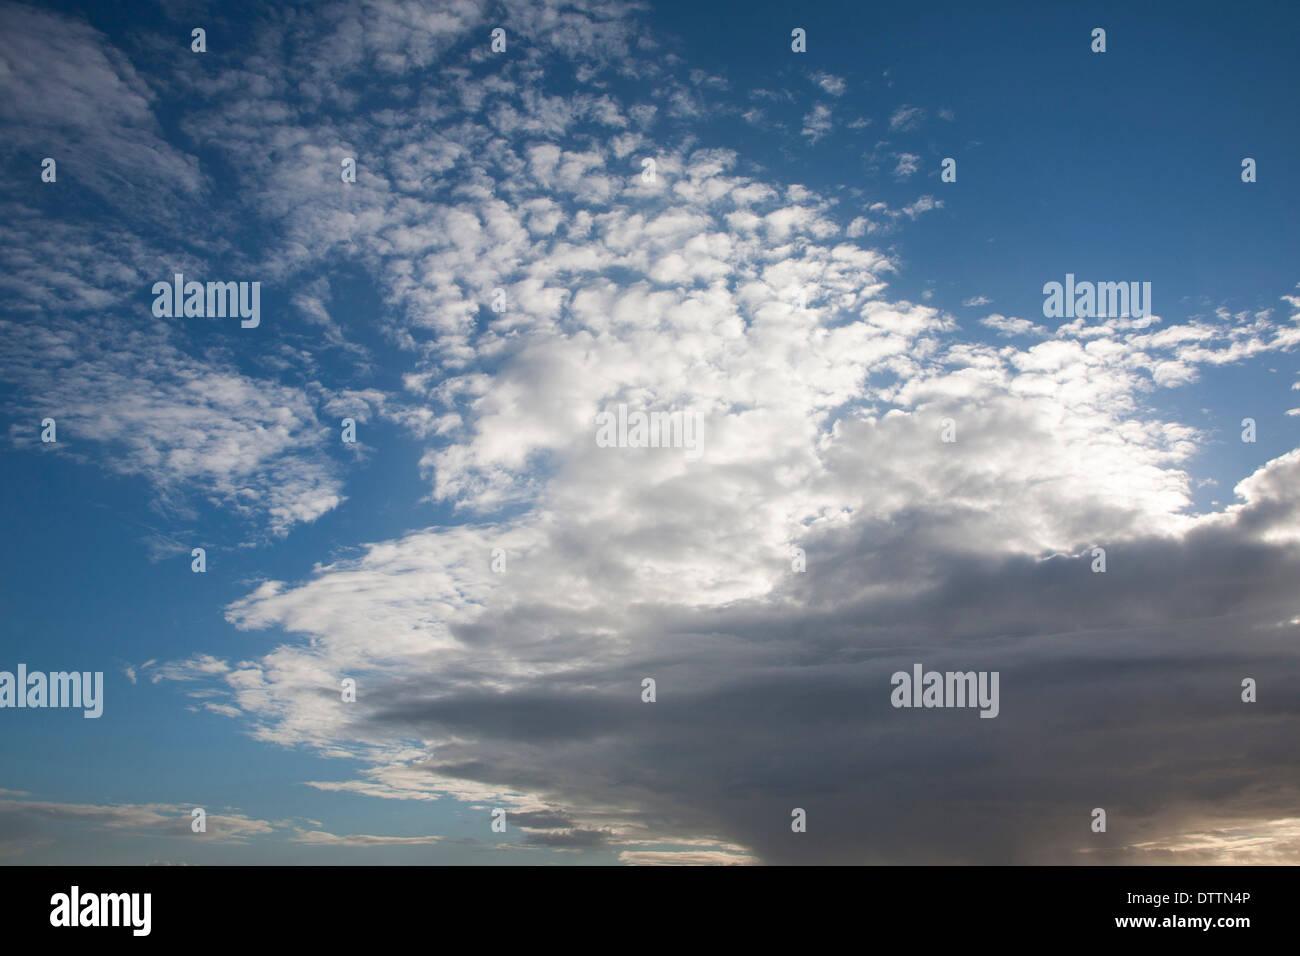 Nubes frontales en movimiento por el cielo, bloqueando el sol, en Suffolk, Inglaterra Imagen De Stock